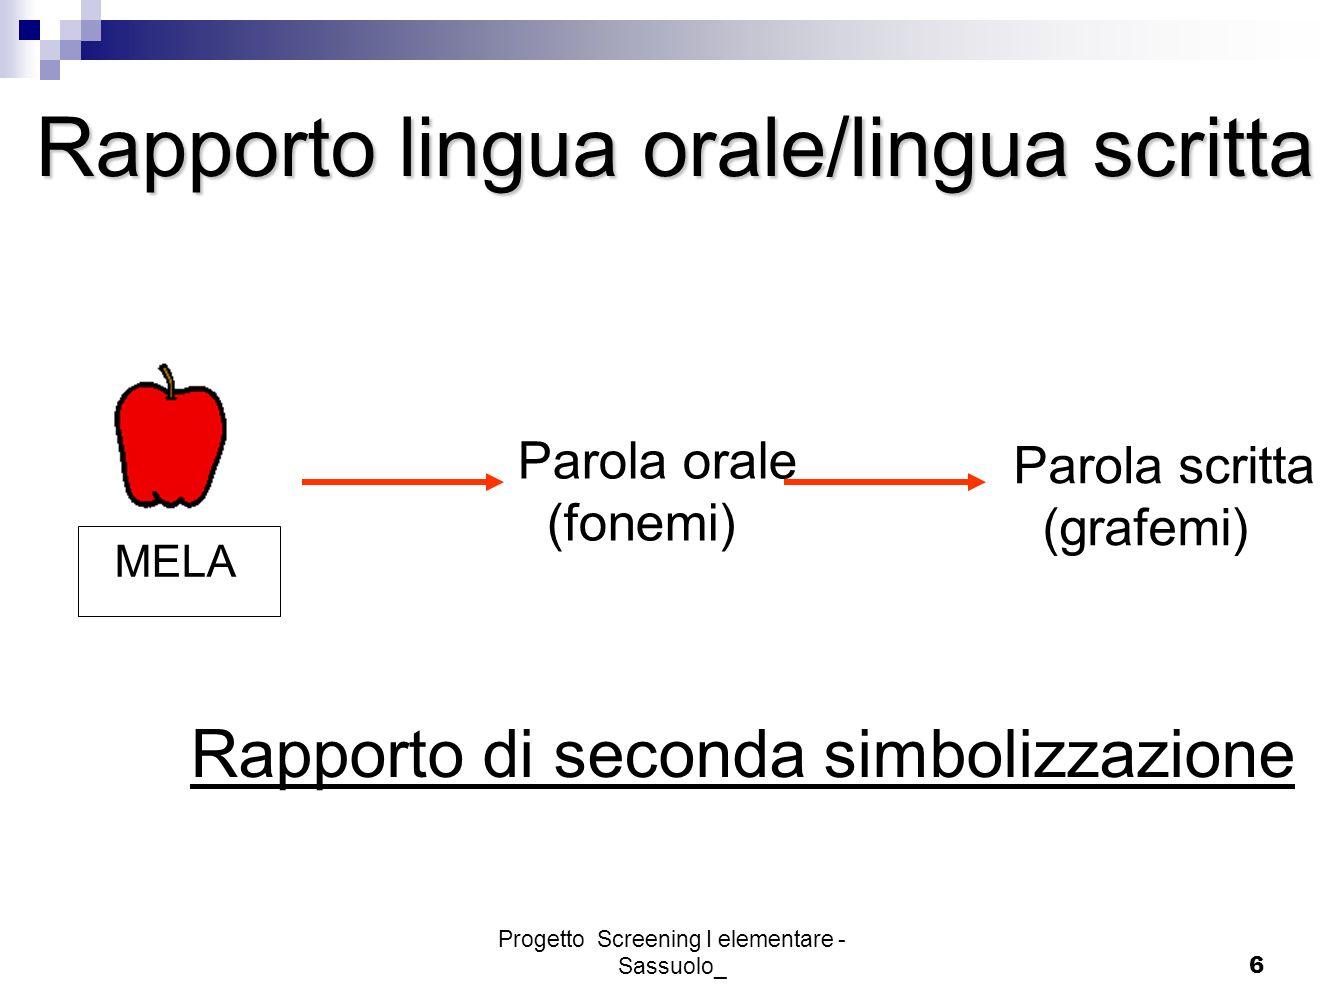 Progetto Screening I elementare - Sassuolo_6 Rapporto di seconda simbolizzazione Parola orale (fonemi) Parola scritta (grafemi) MELA Rapporto lingua o